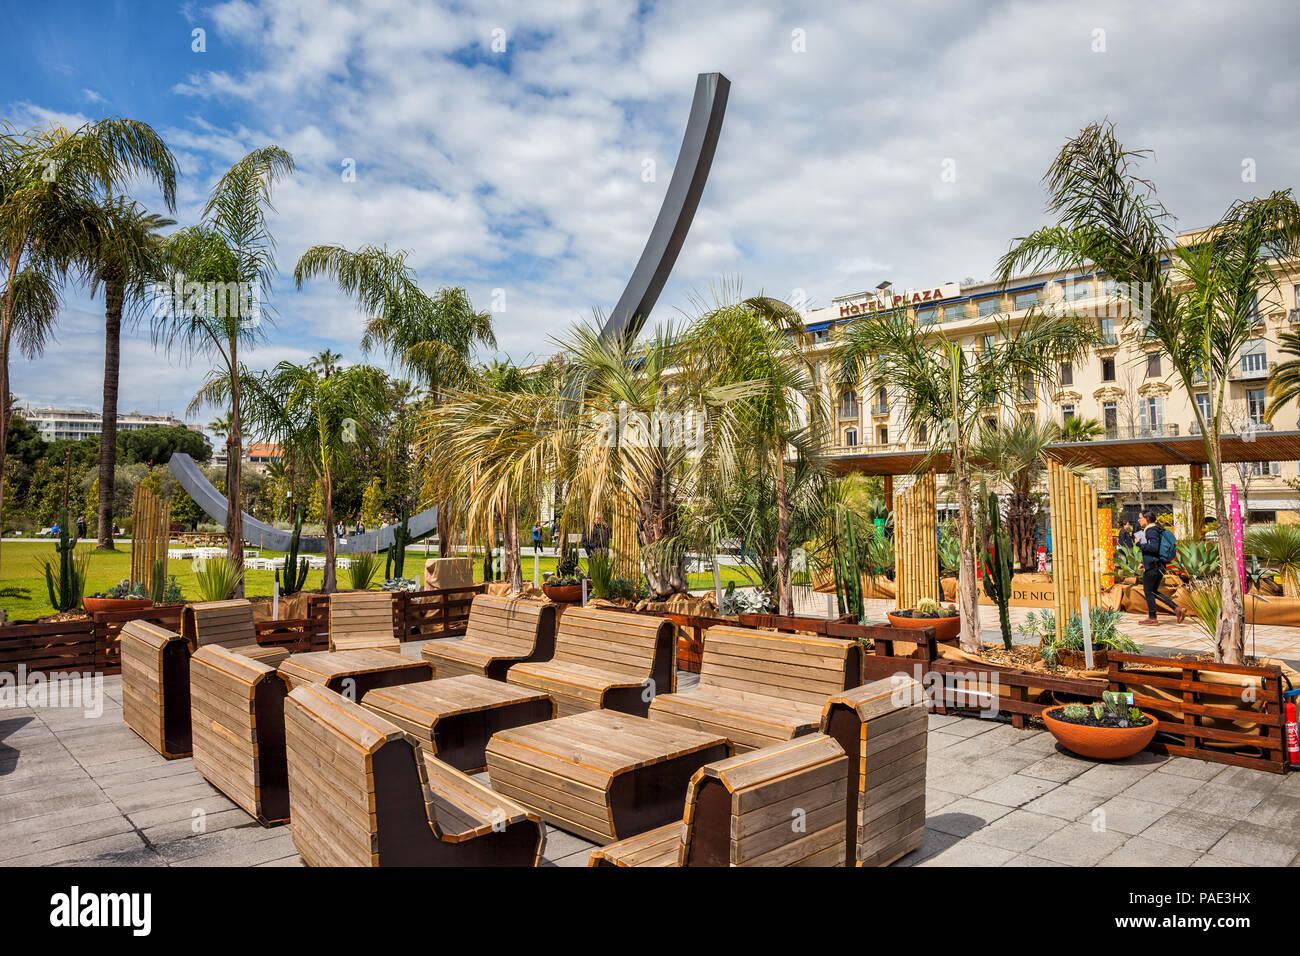 France, Nice, Albert I Garden - Jardin Albert 1er, Hotel Plaza in ...